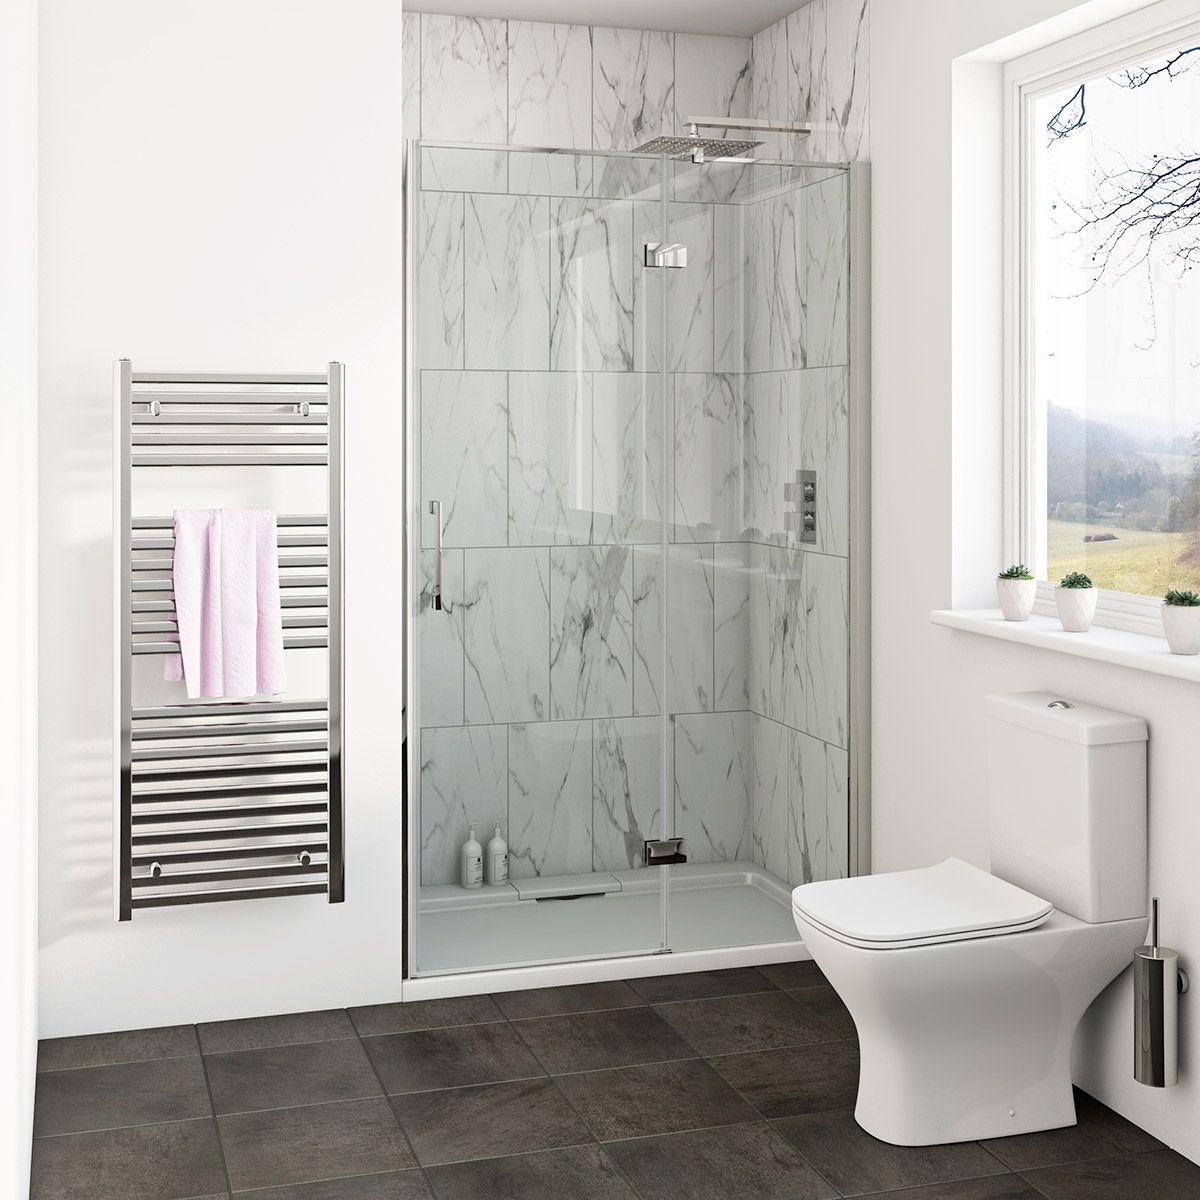 Mode Cooper premium 8mm easy clean shower door | Extension - Ensuite ...